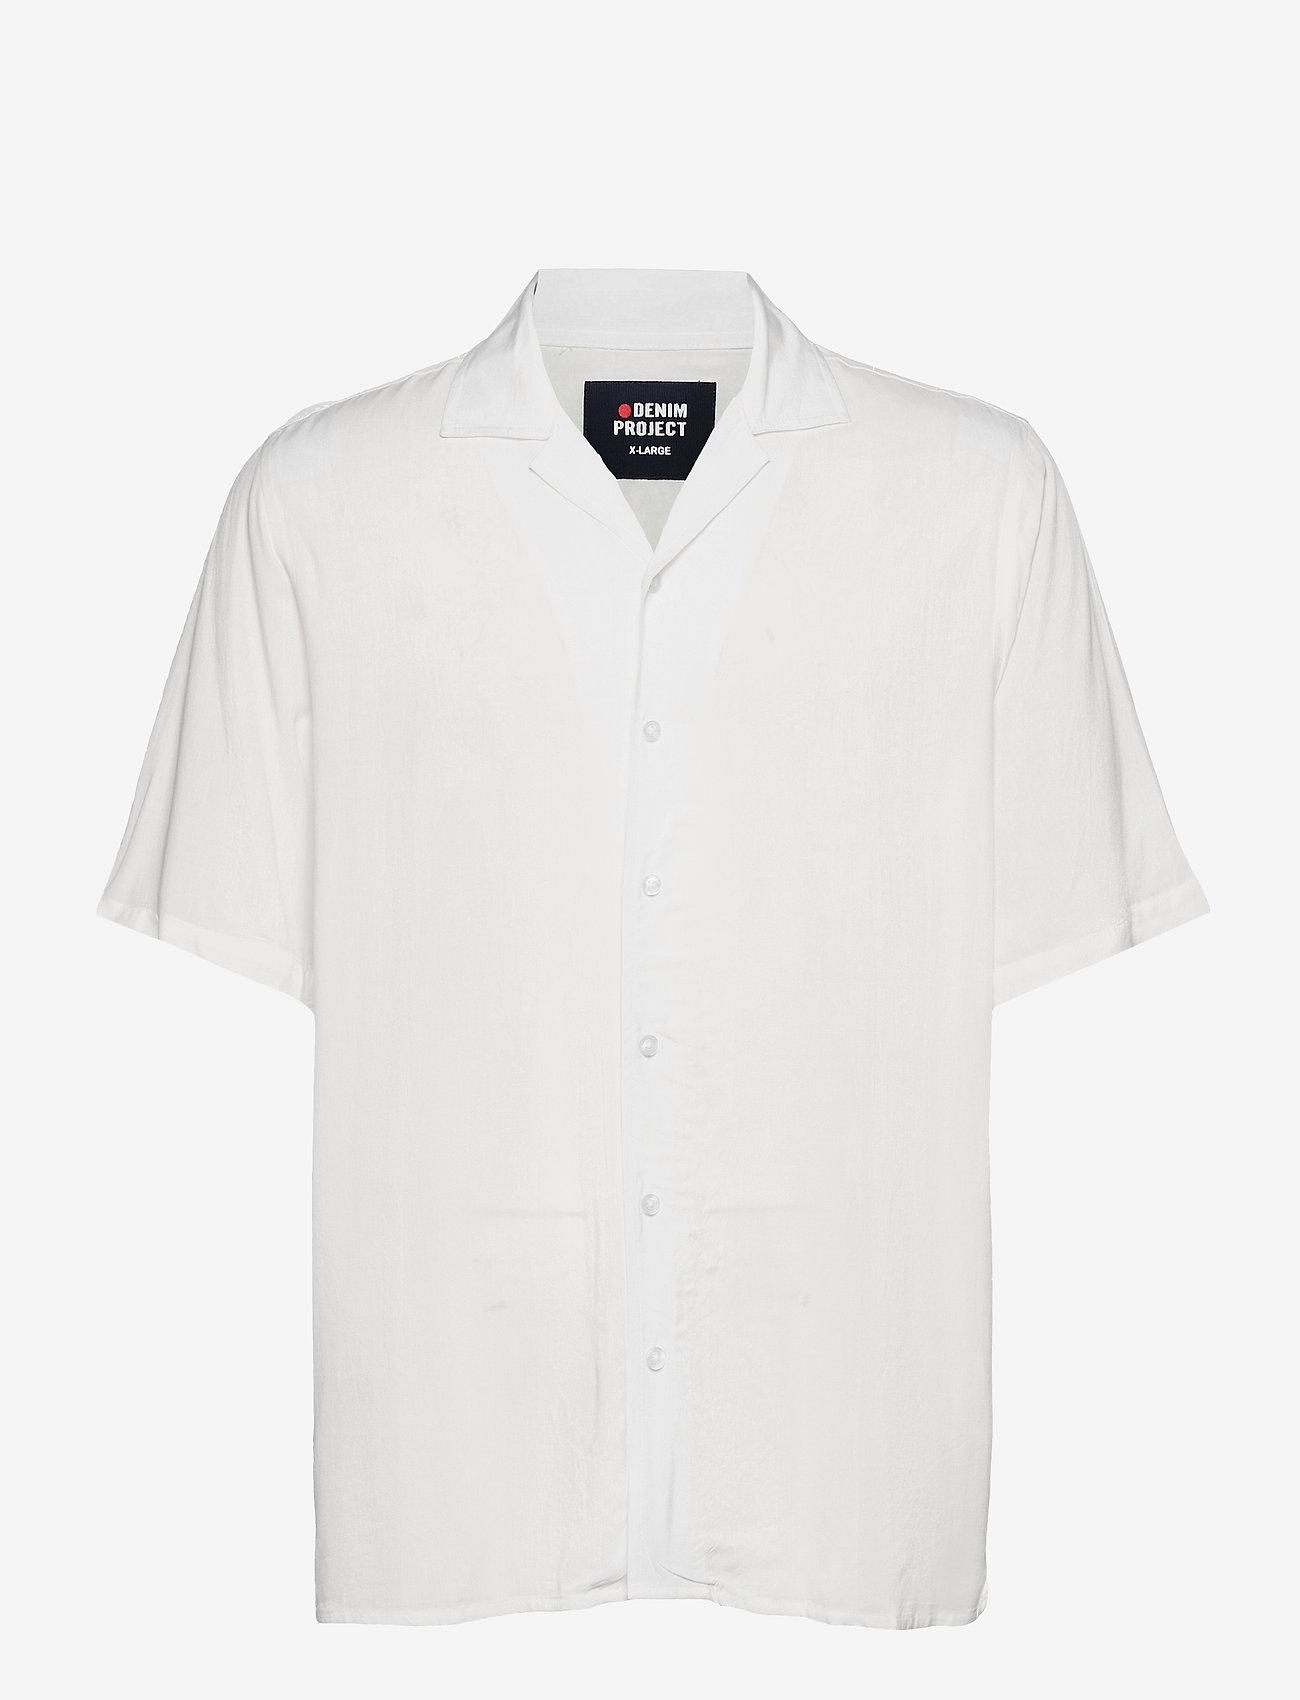 Denim project - EL G SS CUBA SHIRT - kortærmede skjorter - 002 white - 0